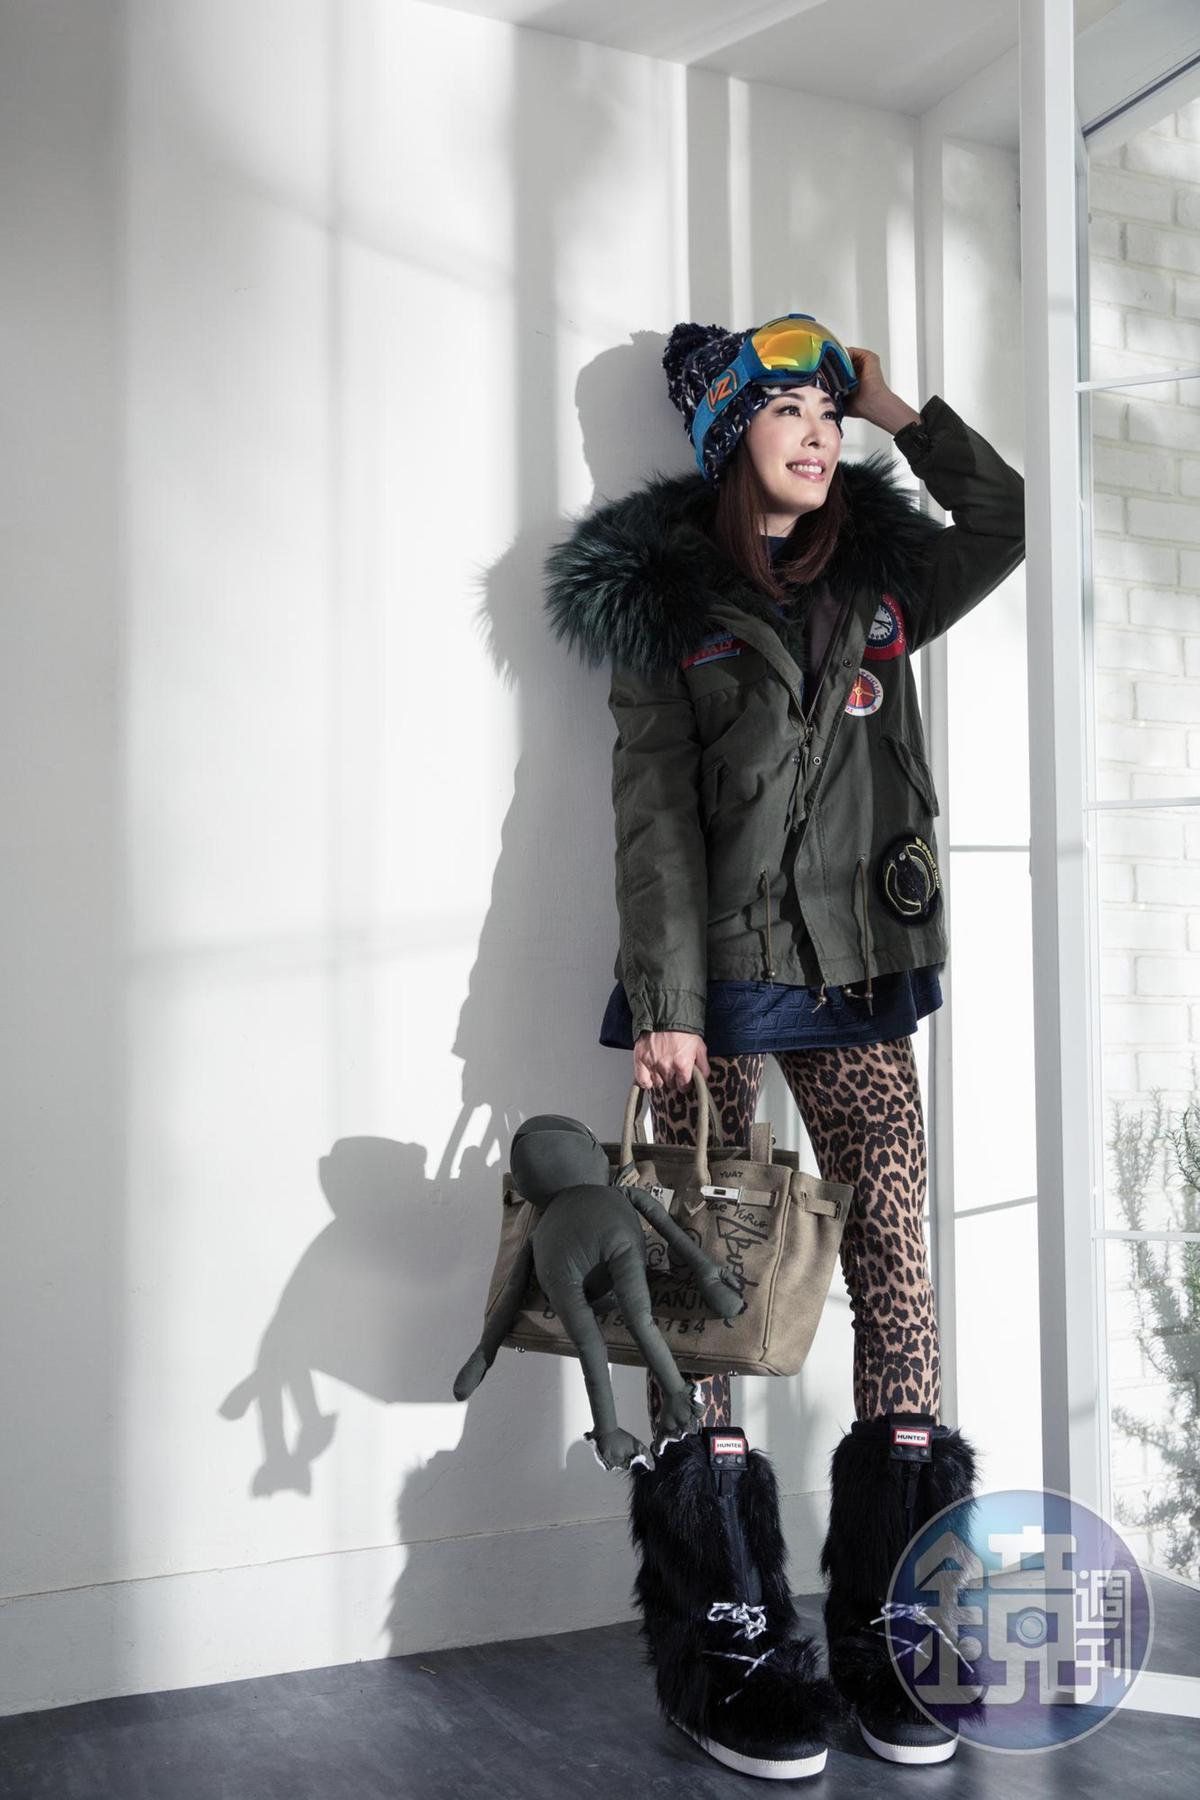 日本買的雪鏡。約NT$4,500 adidas絨布衛衣。約NT$3,200 Mr & Mrs Italy皮草外套。約NT$180,000 ZARA豹紋leggings。約NT$980 Beige軍綠色包款。約NT$3,500 HUNTER雪靴。約NT$18,000